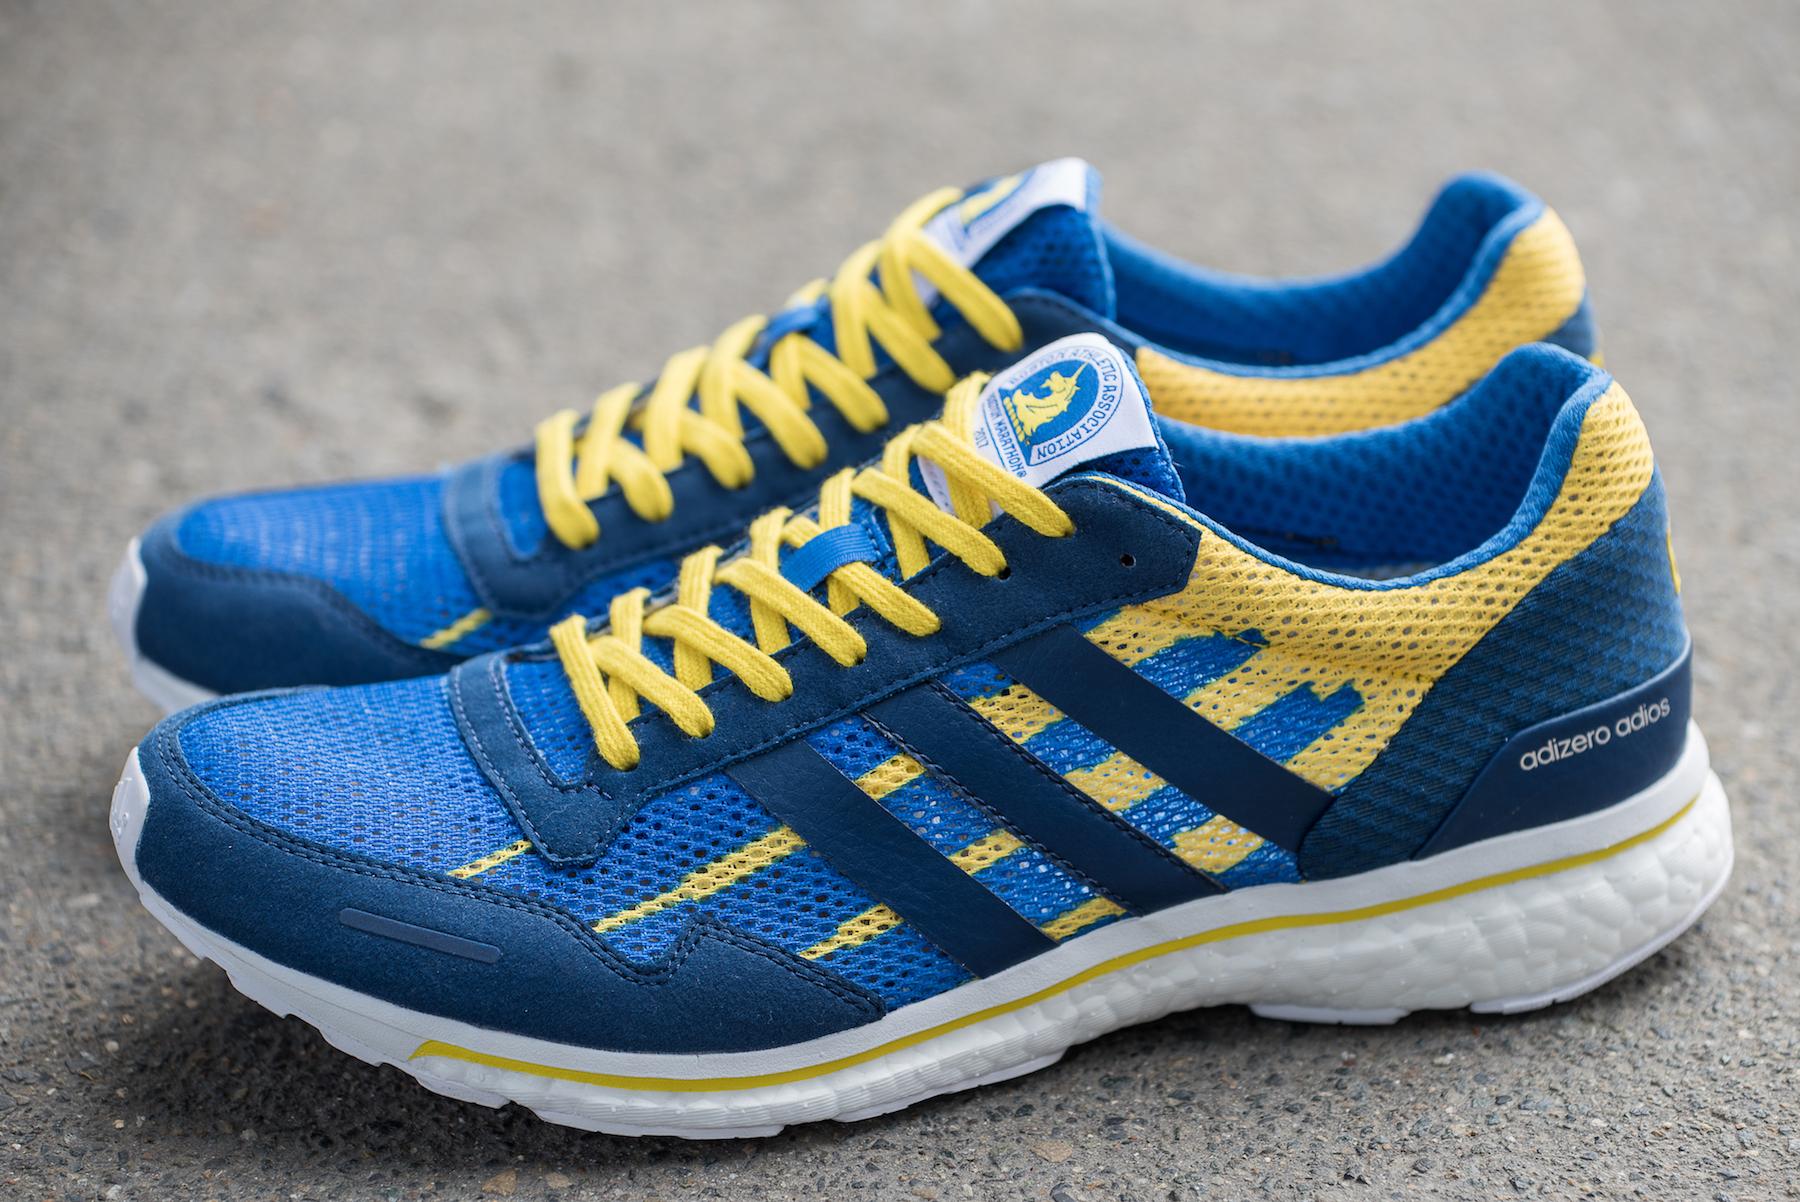 Shoe to Wear for Walking a Marathon